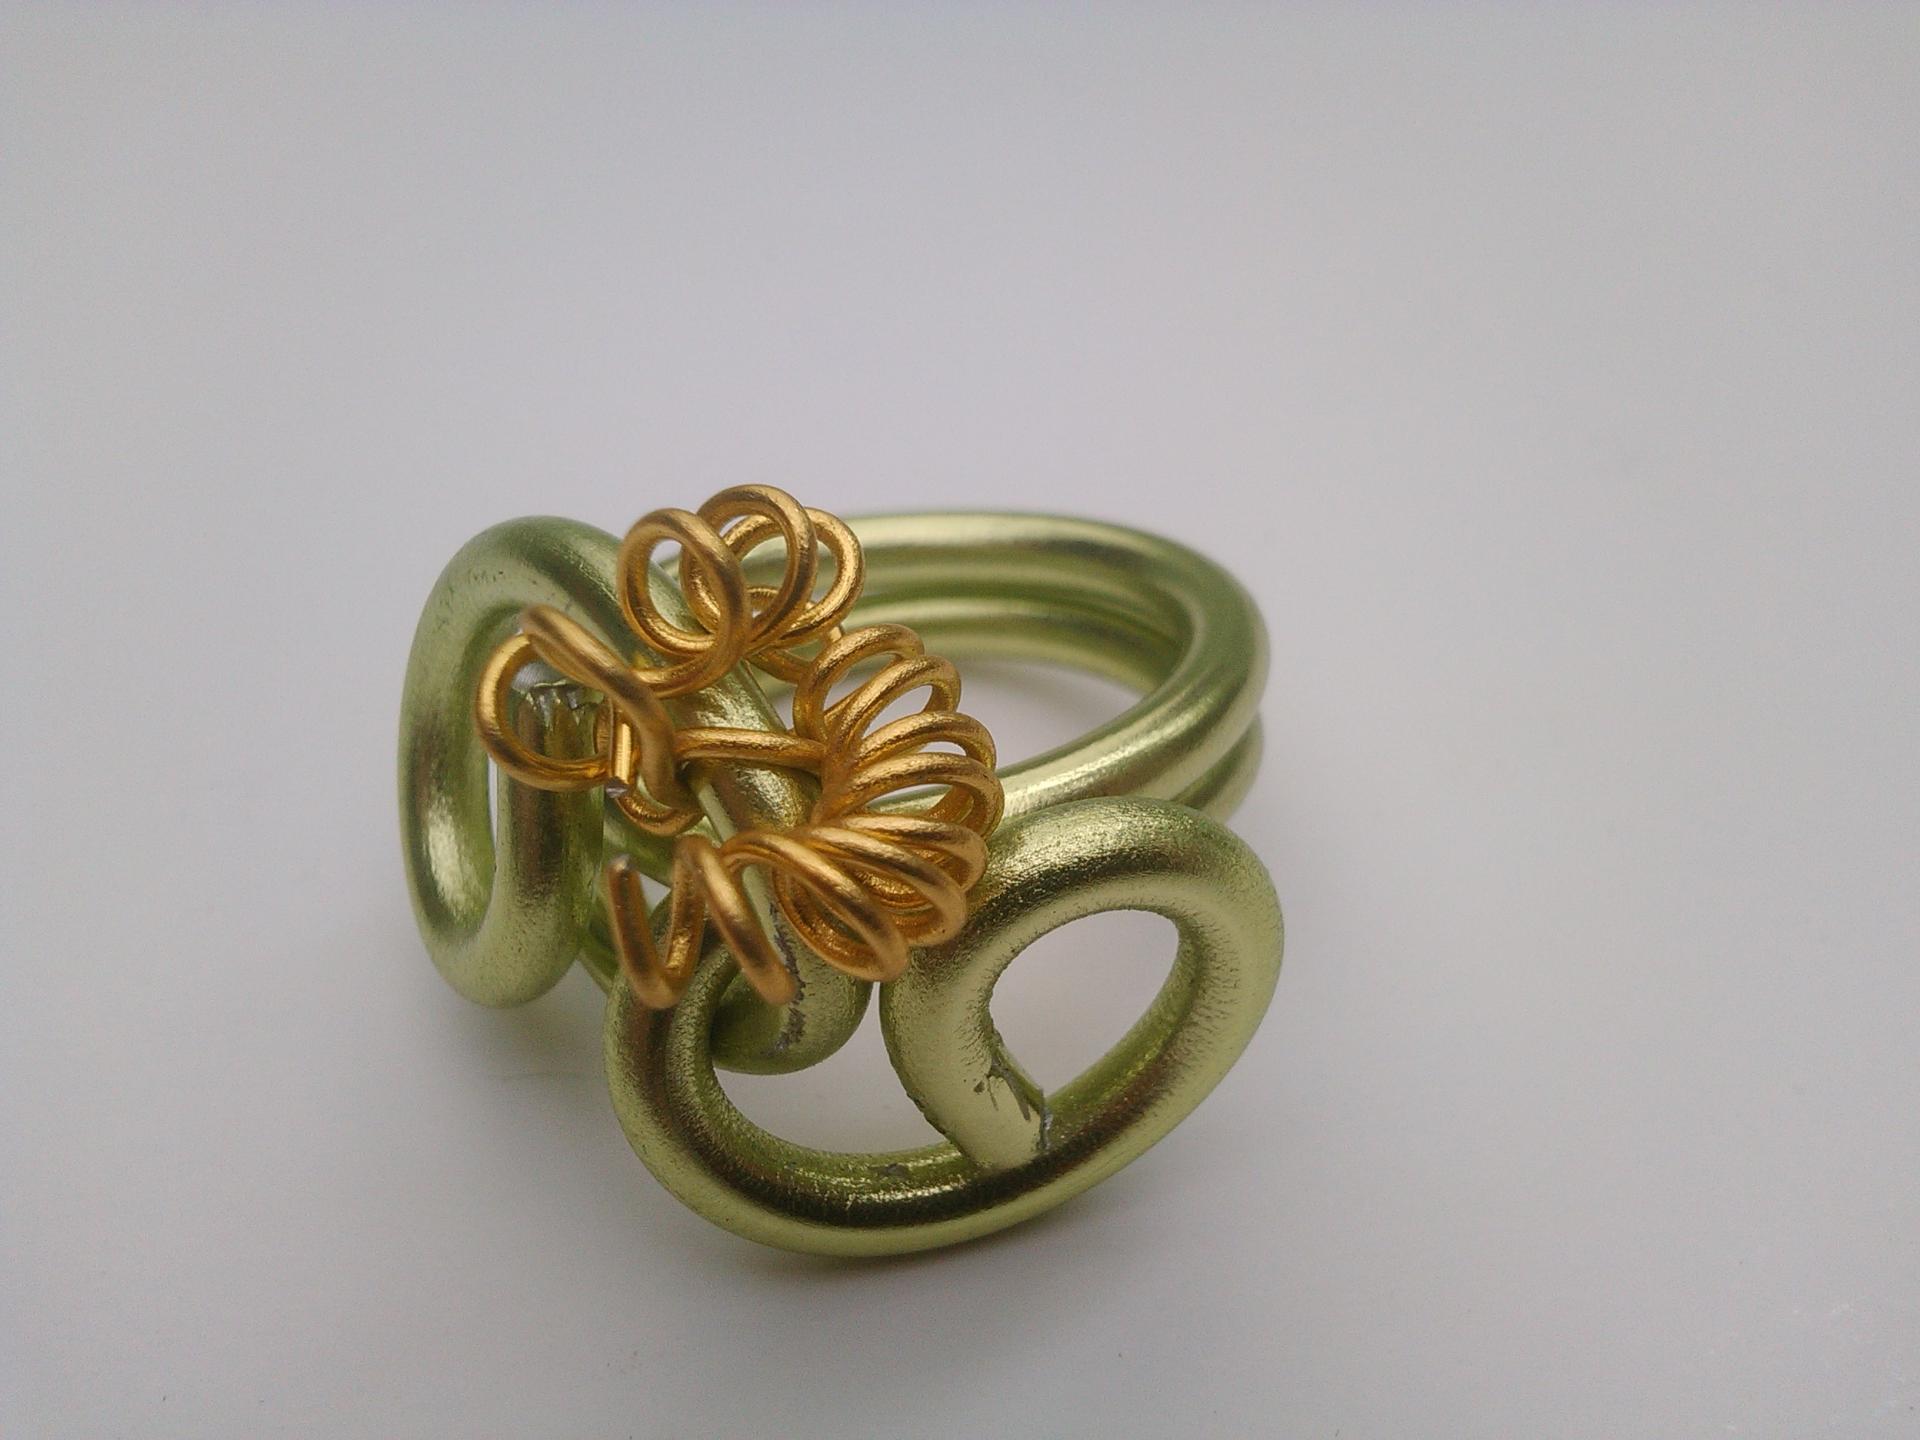 Parure bague flora qualite materiaux precieux fantaisie perles de qualite fils tresses couleurs travaillees main pieces de dentelle brodees main fifi au jardin precious